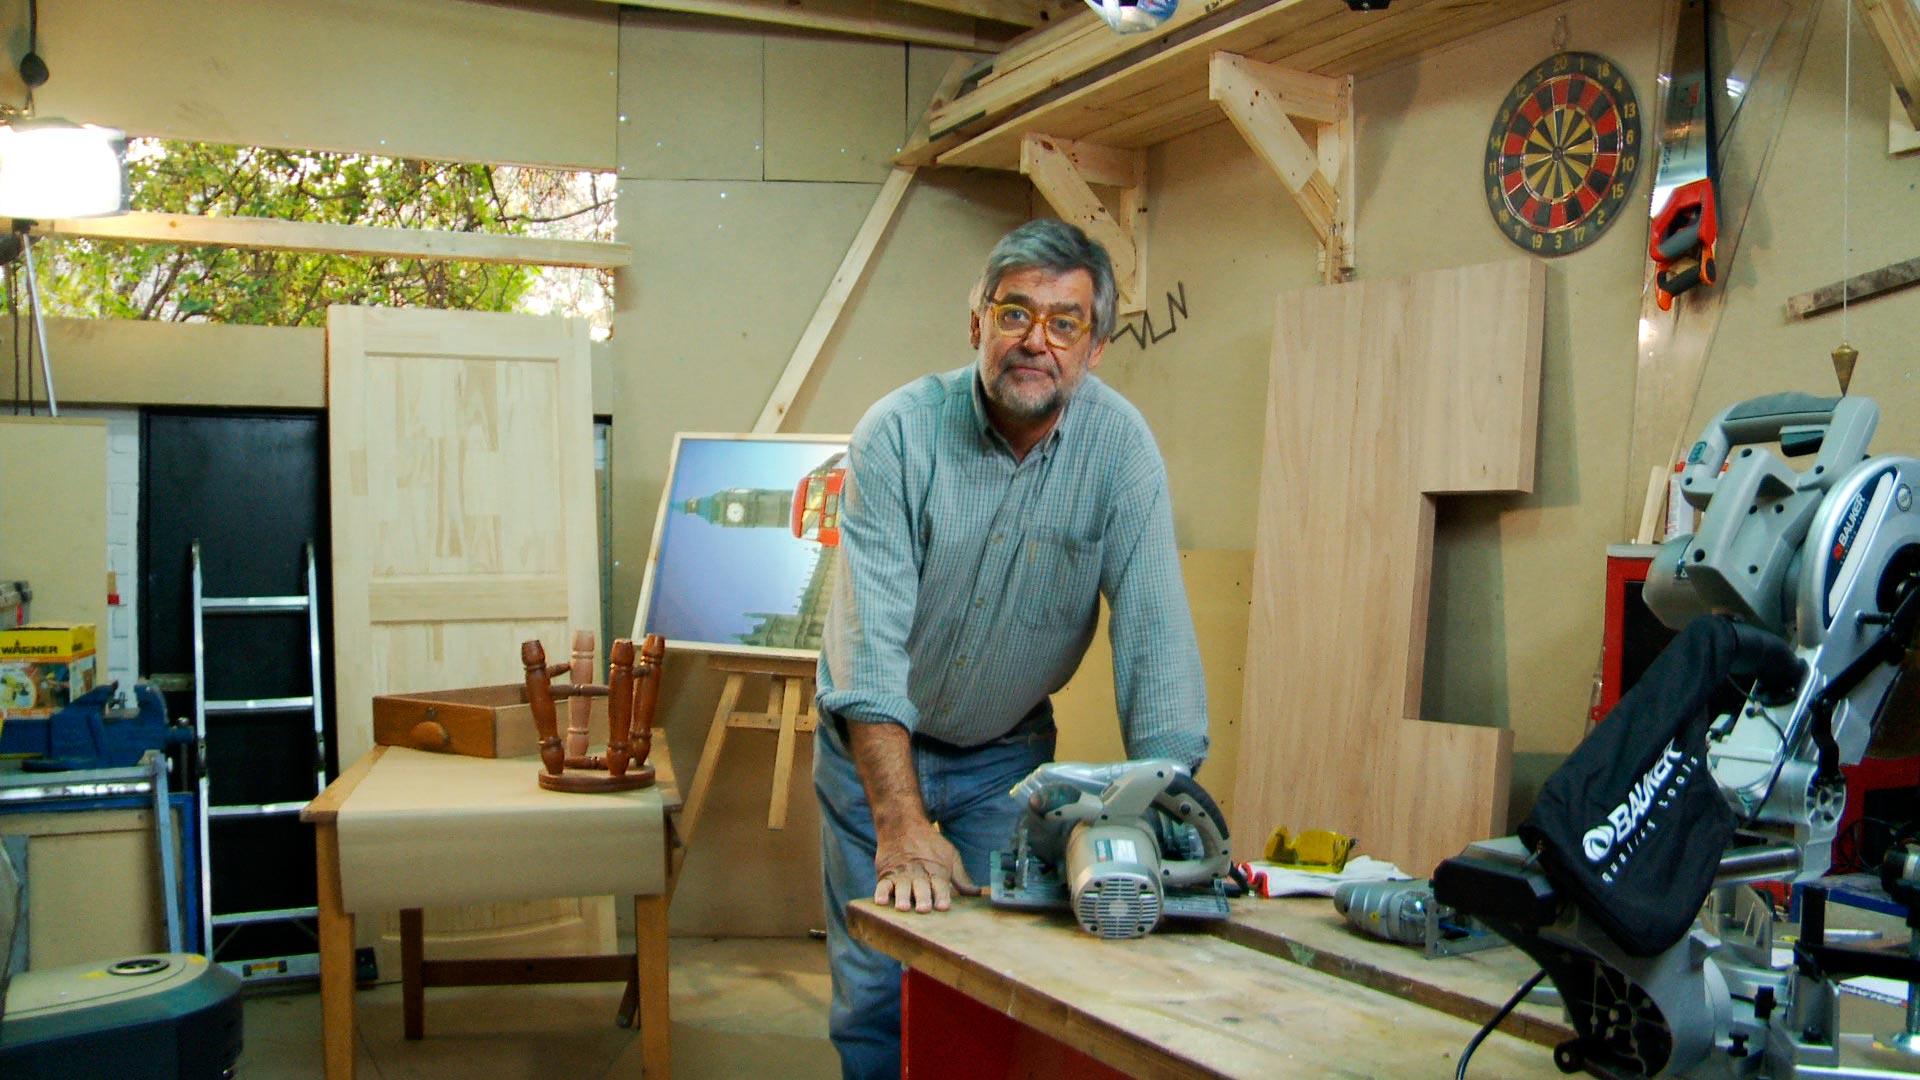 La madera es un material que permite hacer una gran cantidad de muebles, terminaciones en el piso y muros, pero para trabajarla adecuadamente hay que conocer las herramientas que permiten sacarle el mayor provecho.